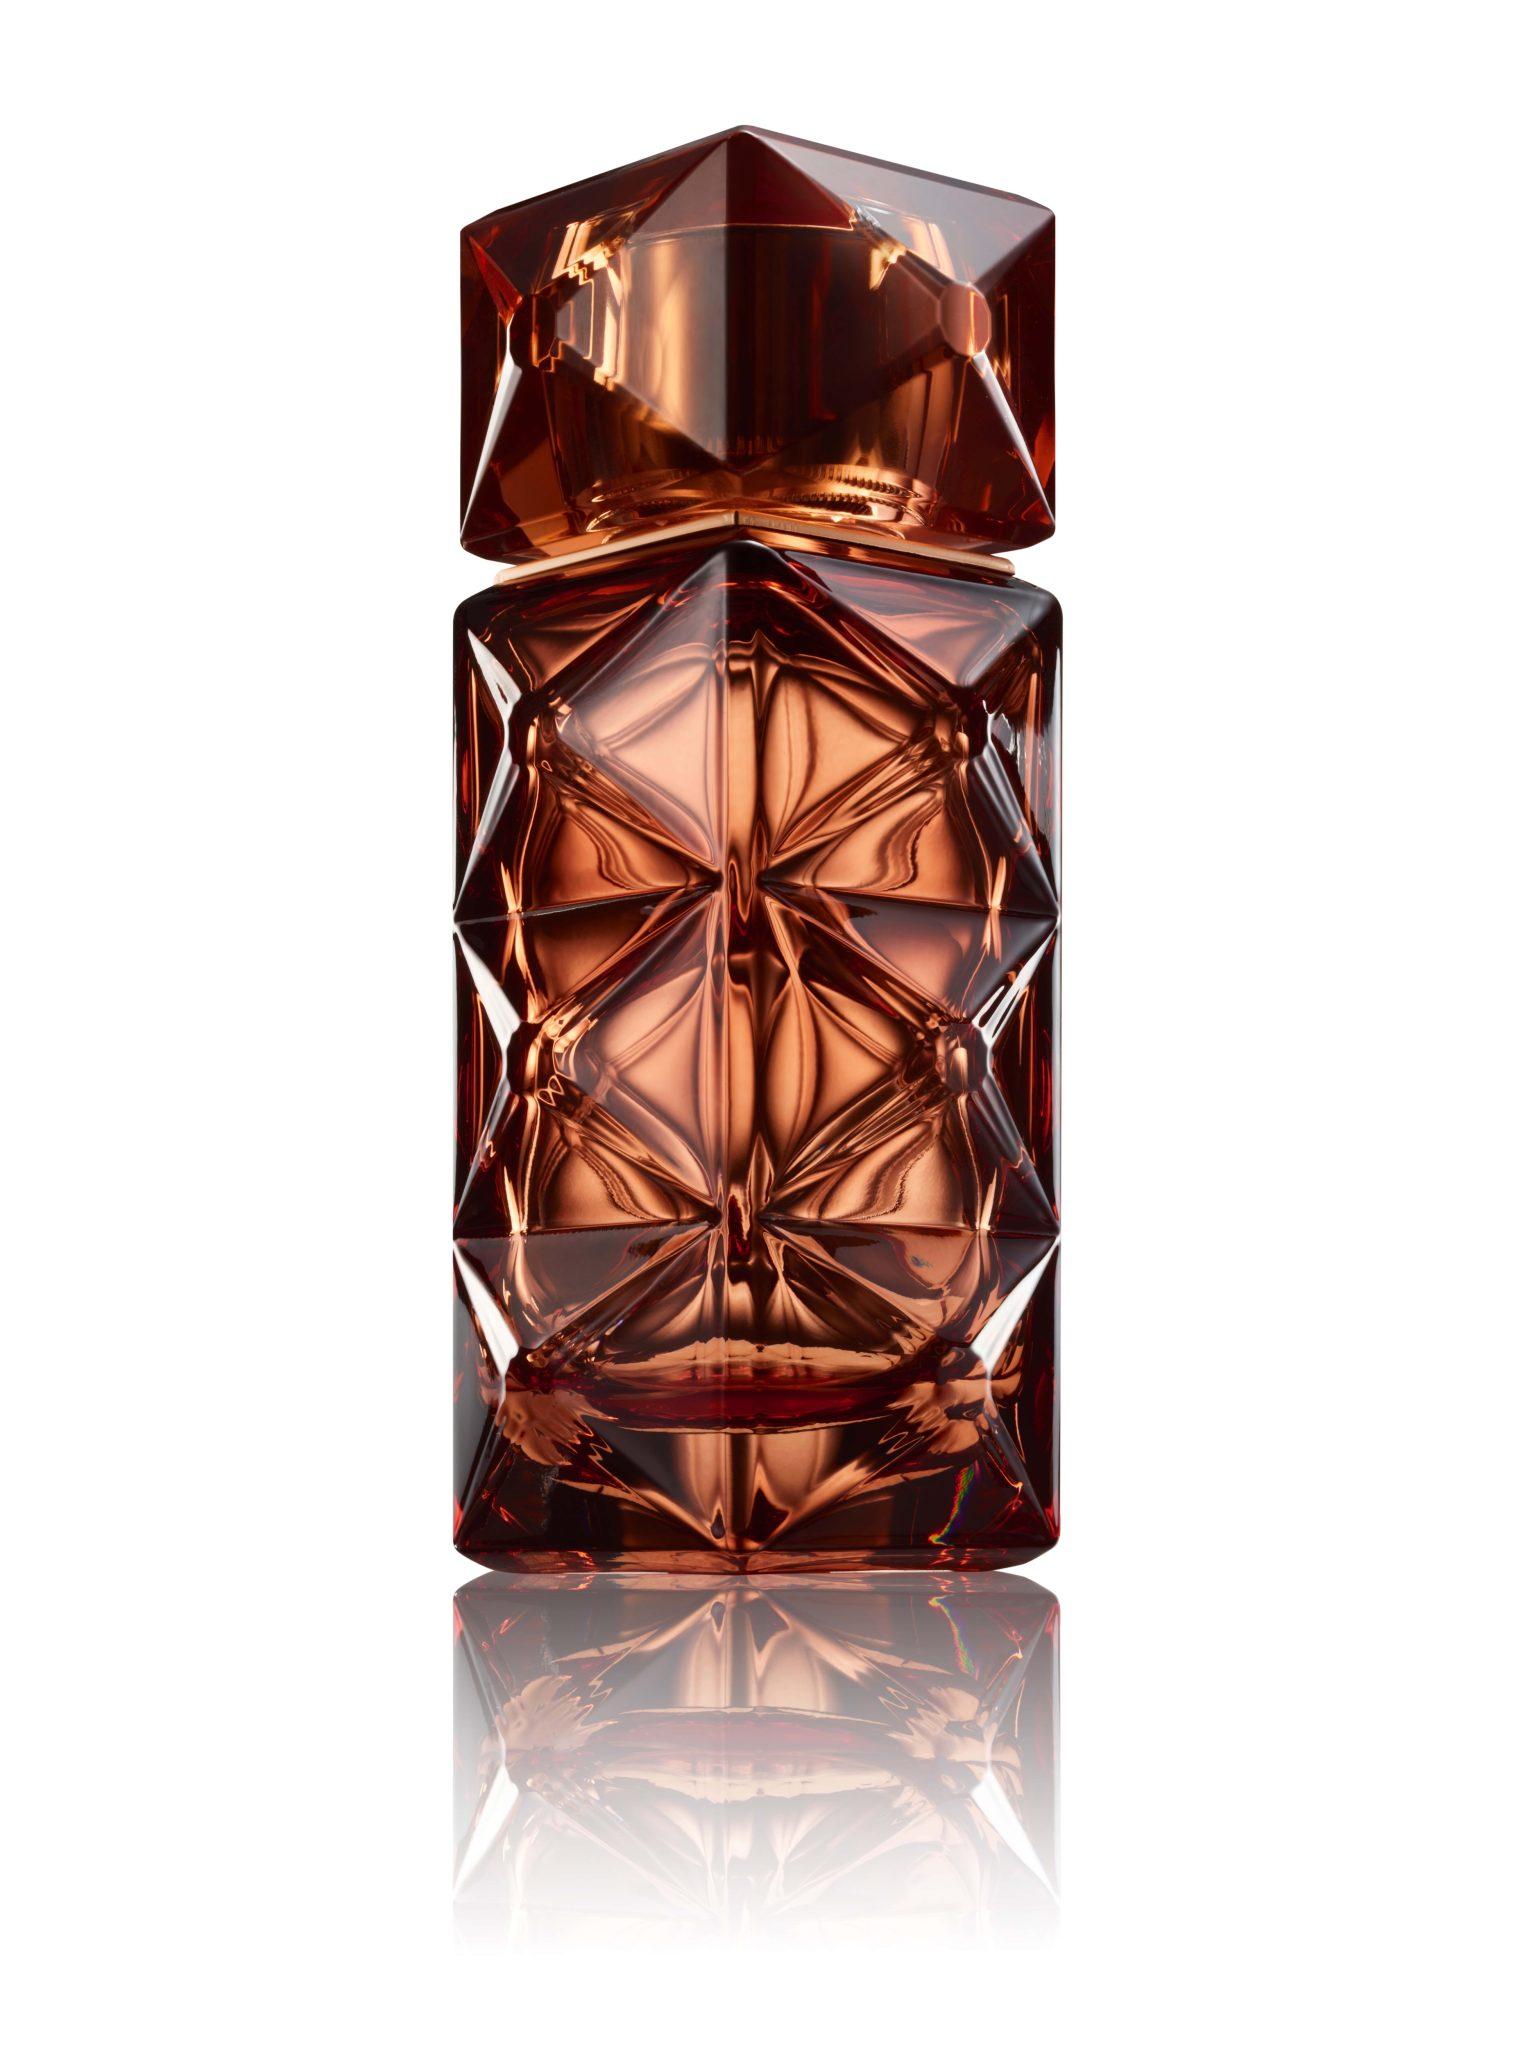 Fo'ah perfume bottle